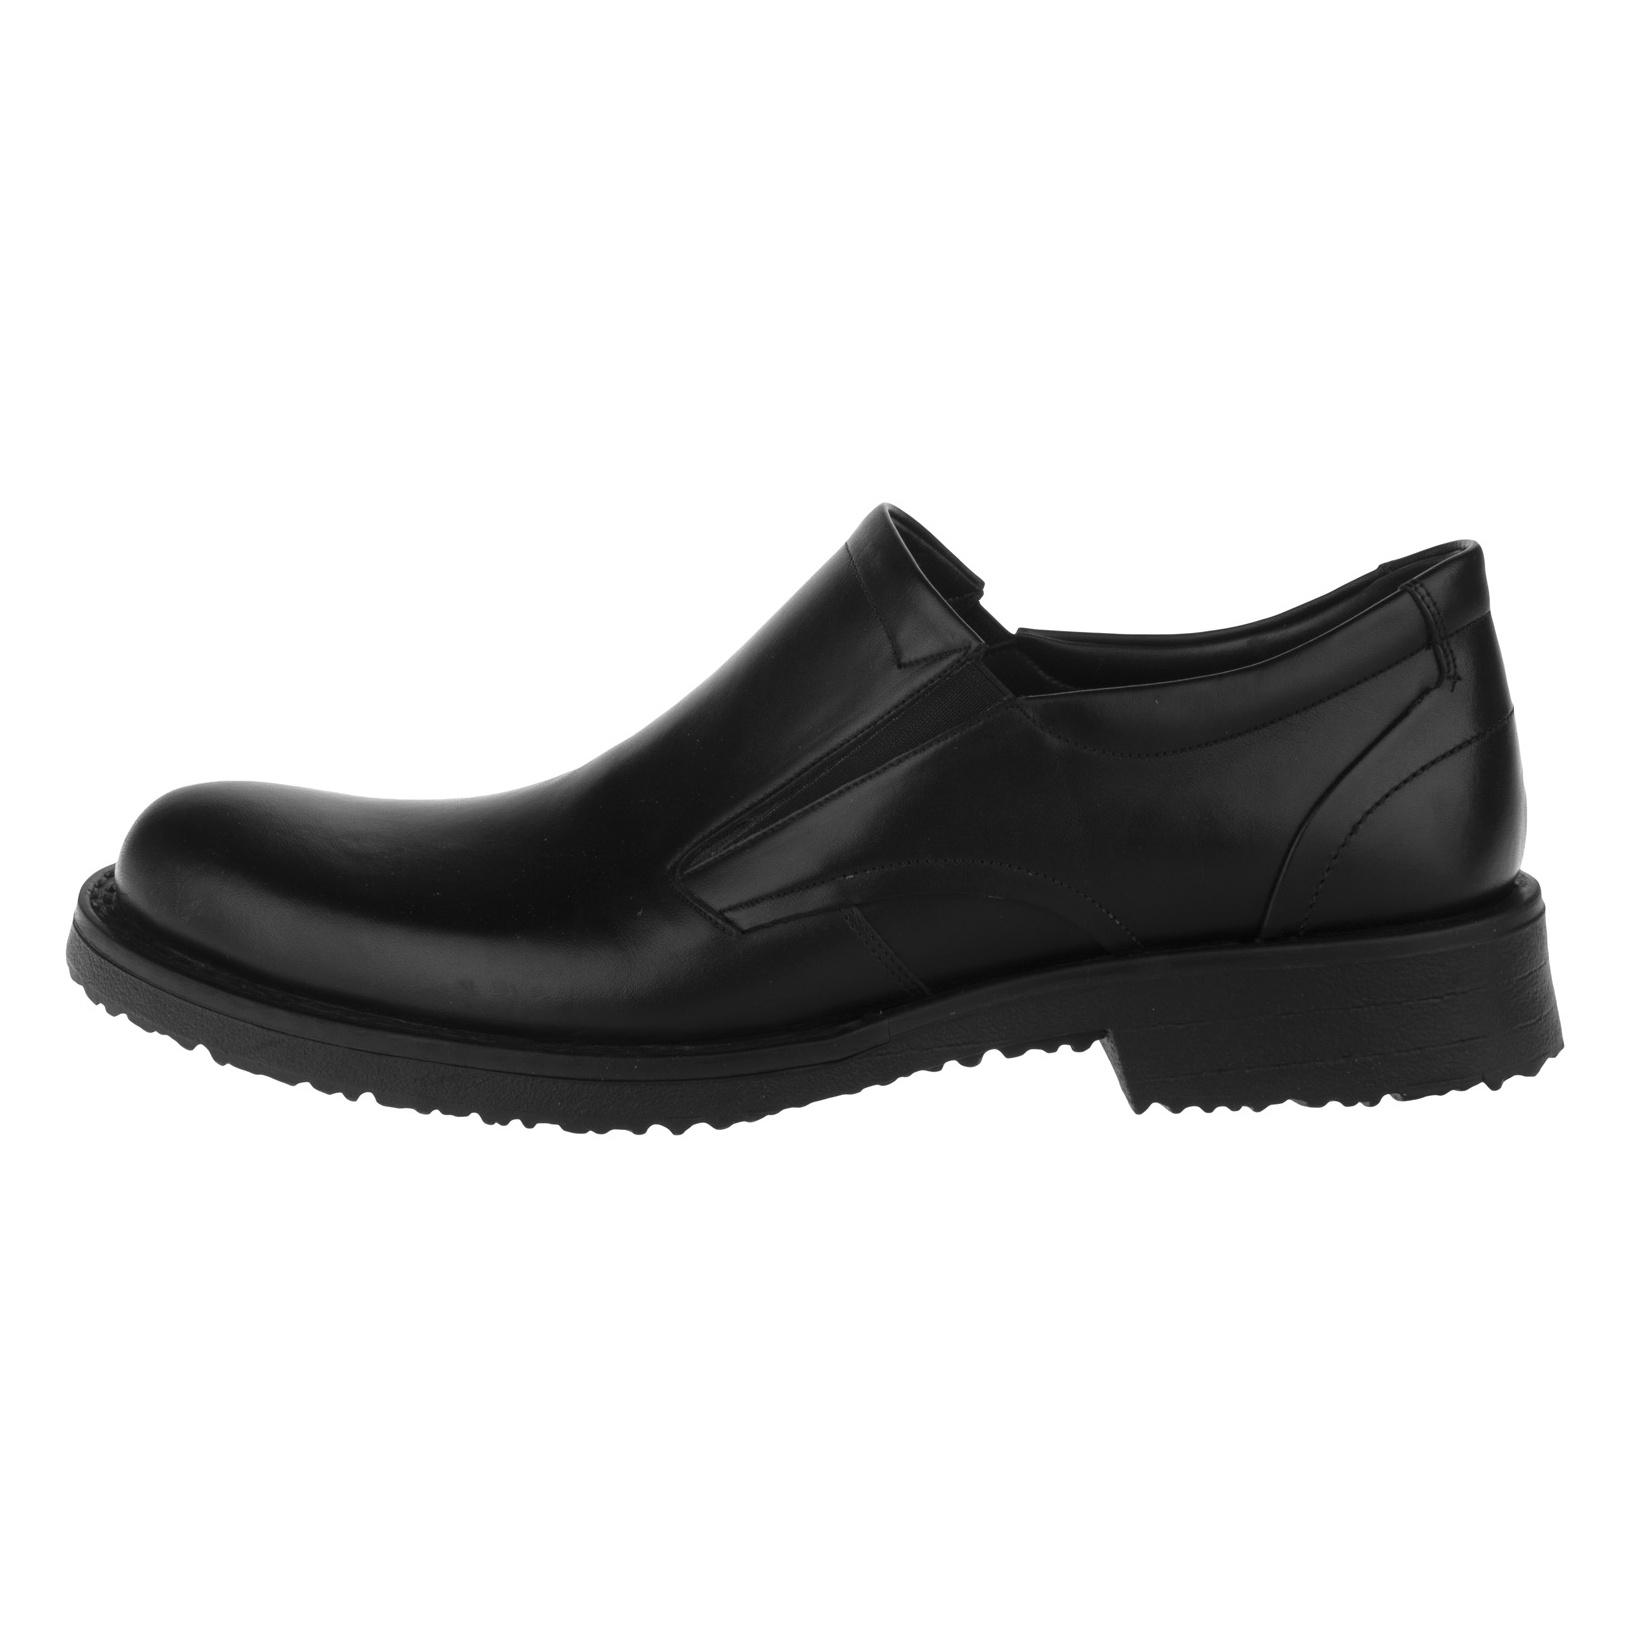 قیمت خرید کفش روزمره مردانه اورسی مدل 459-27 اورجینال